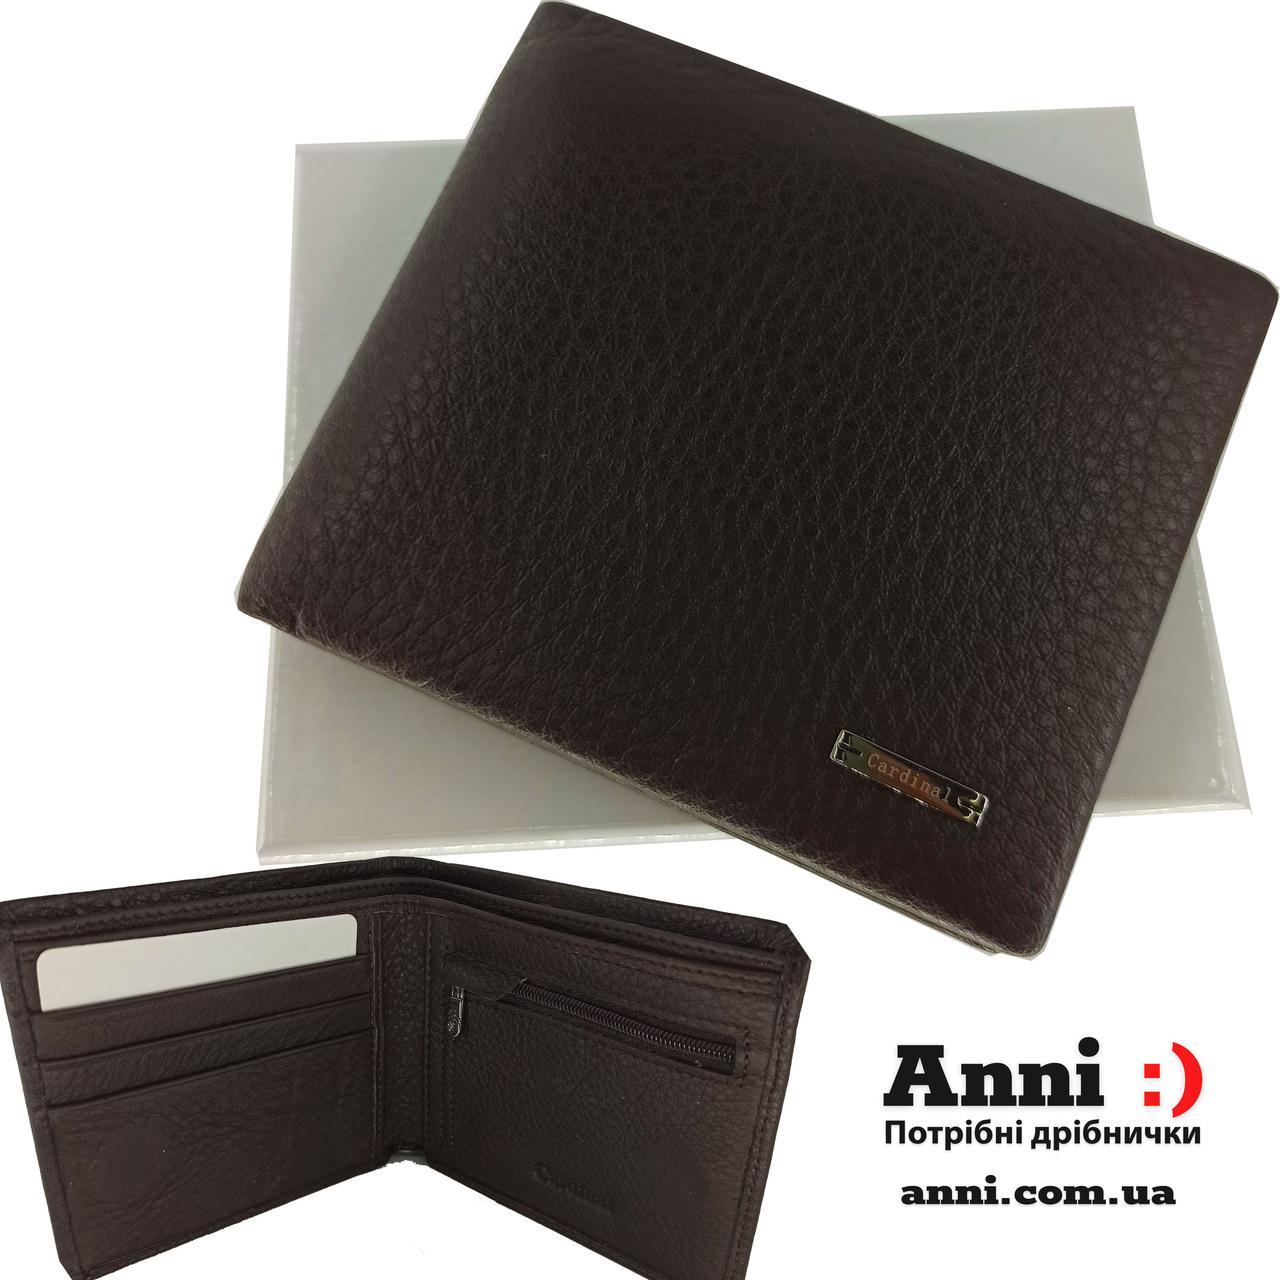 Черный кожаный мужской кошелек портмоне на магнитах Cardinal 208G